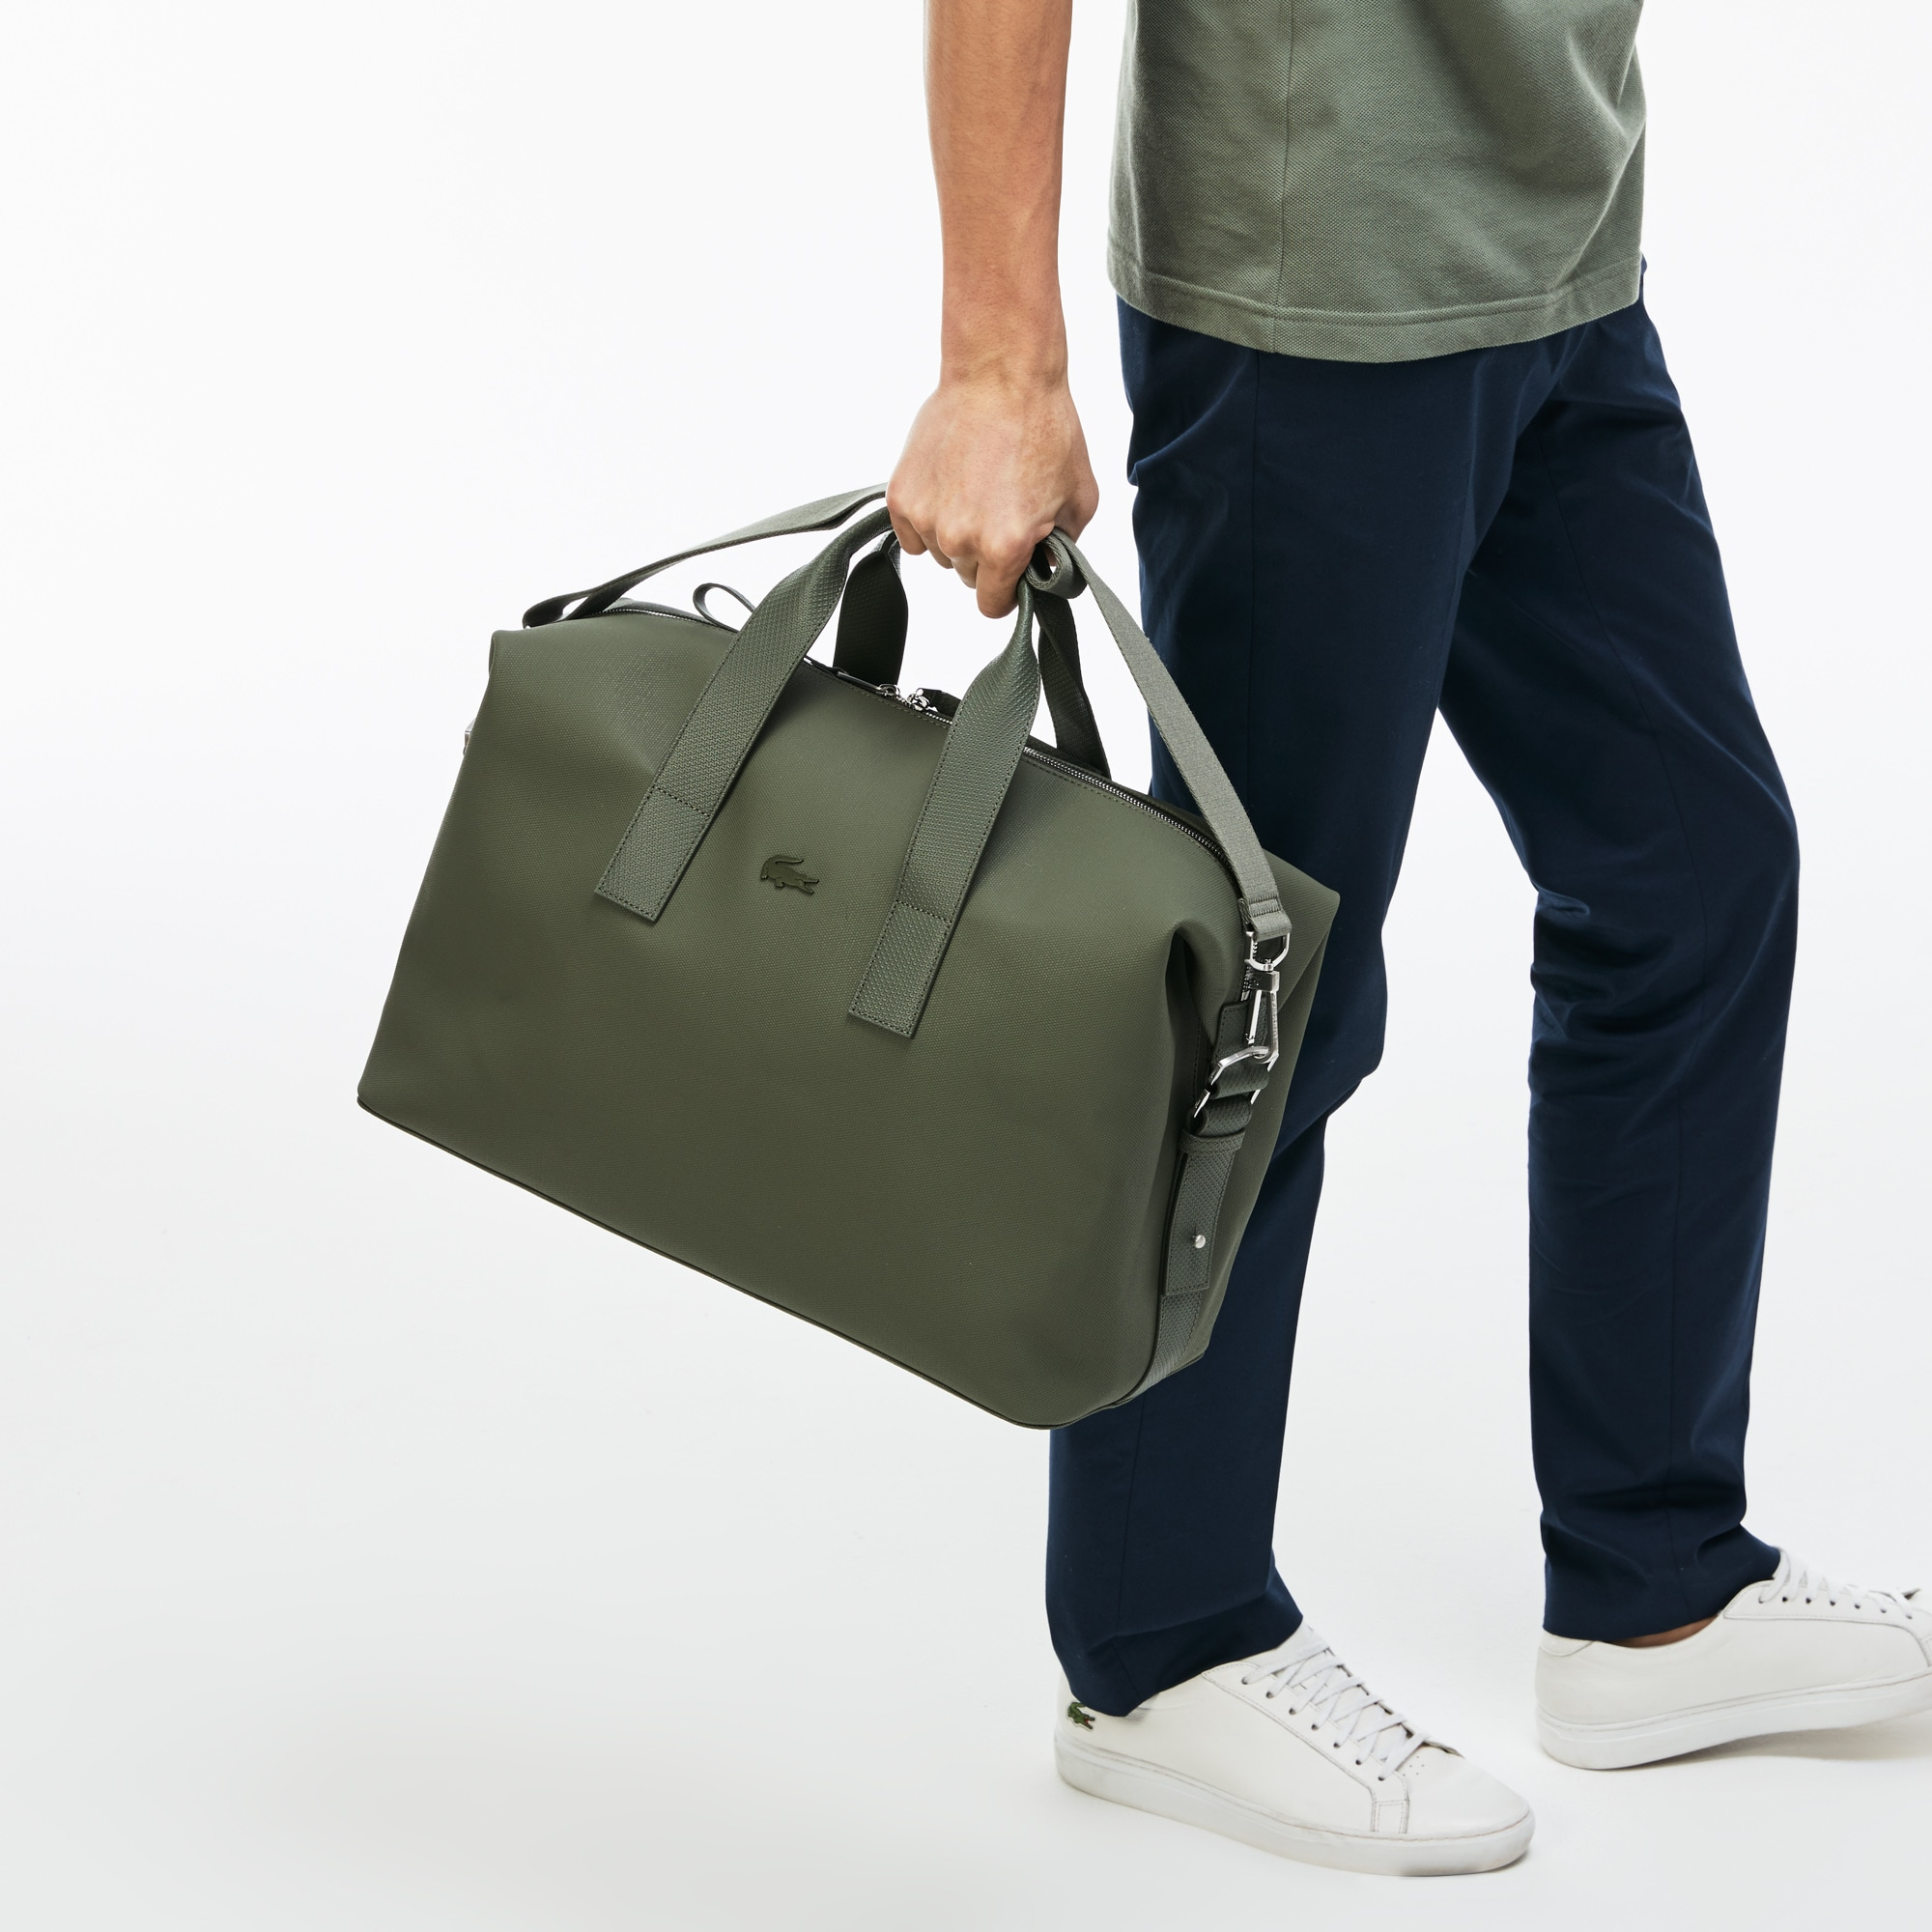 Herren Chantaco Weekend-Tasche mit Baumwollcanvas beschichtet